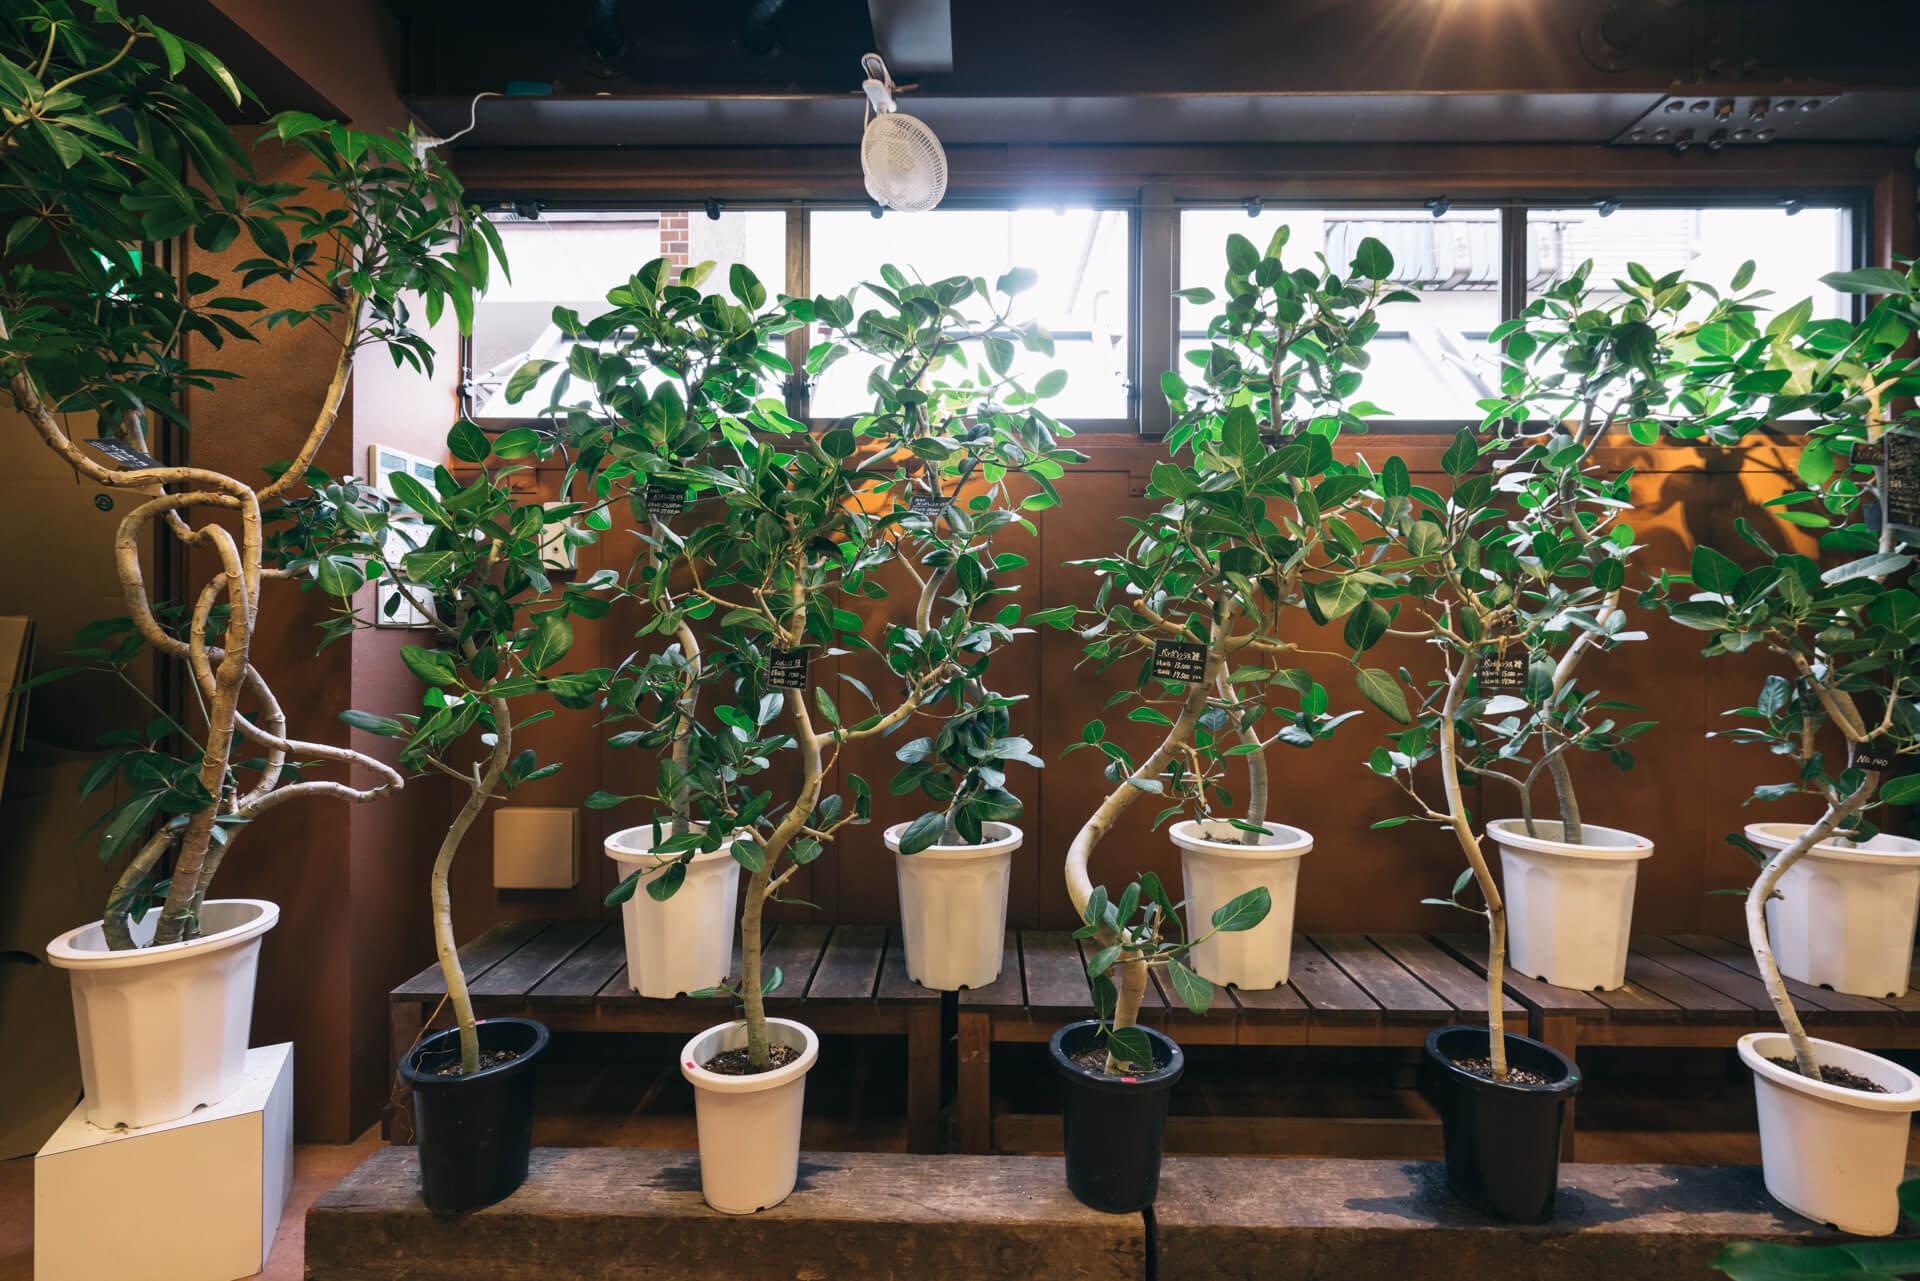 ひとつひとつ、枝の曲がりや葉っぱのつき方を見比べて、気に入ったのものを選ぶことができます。